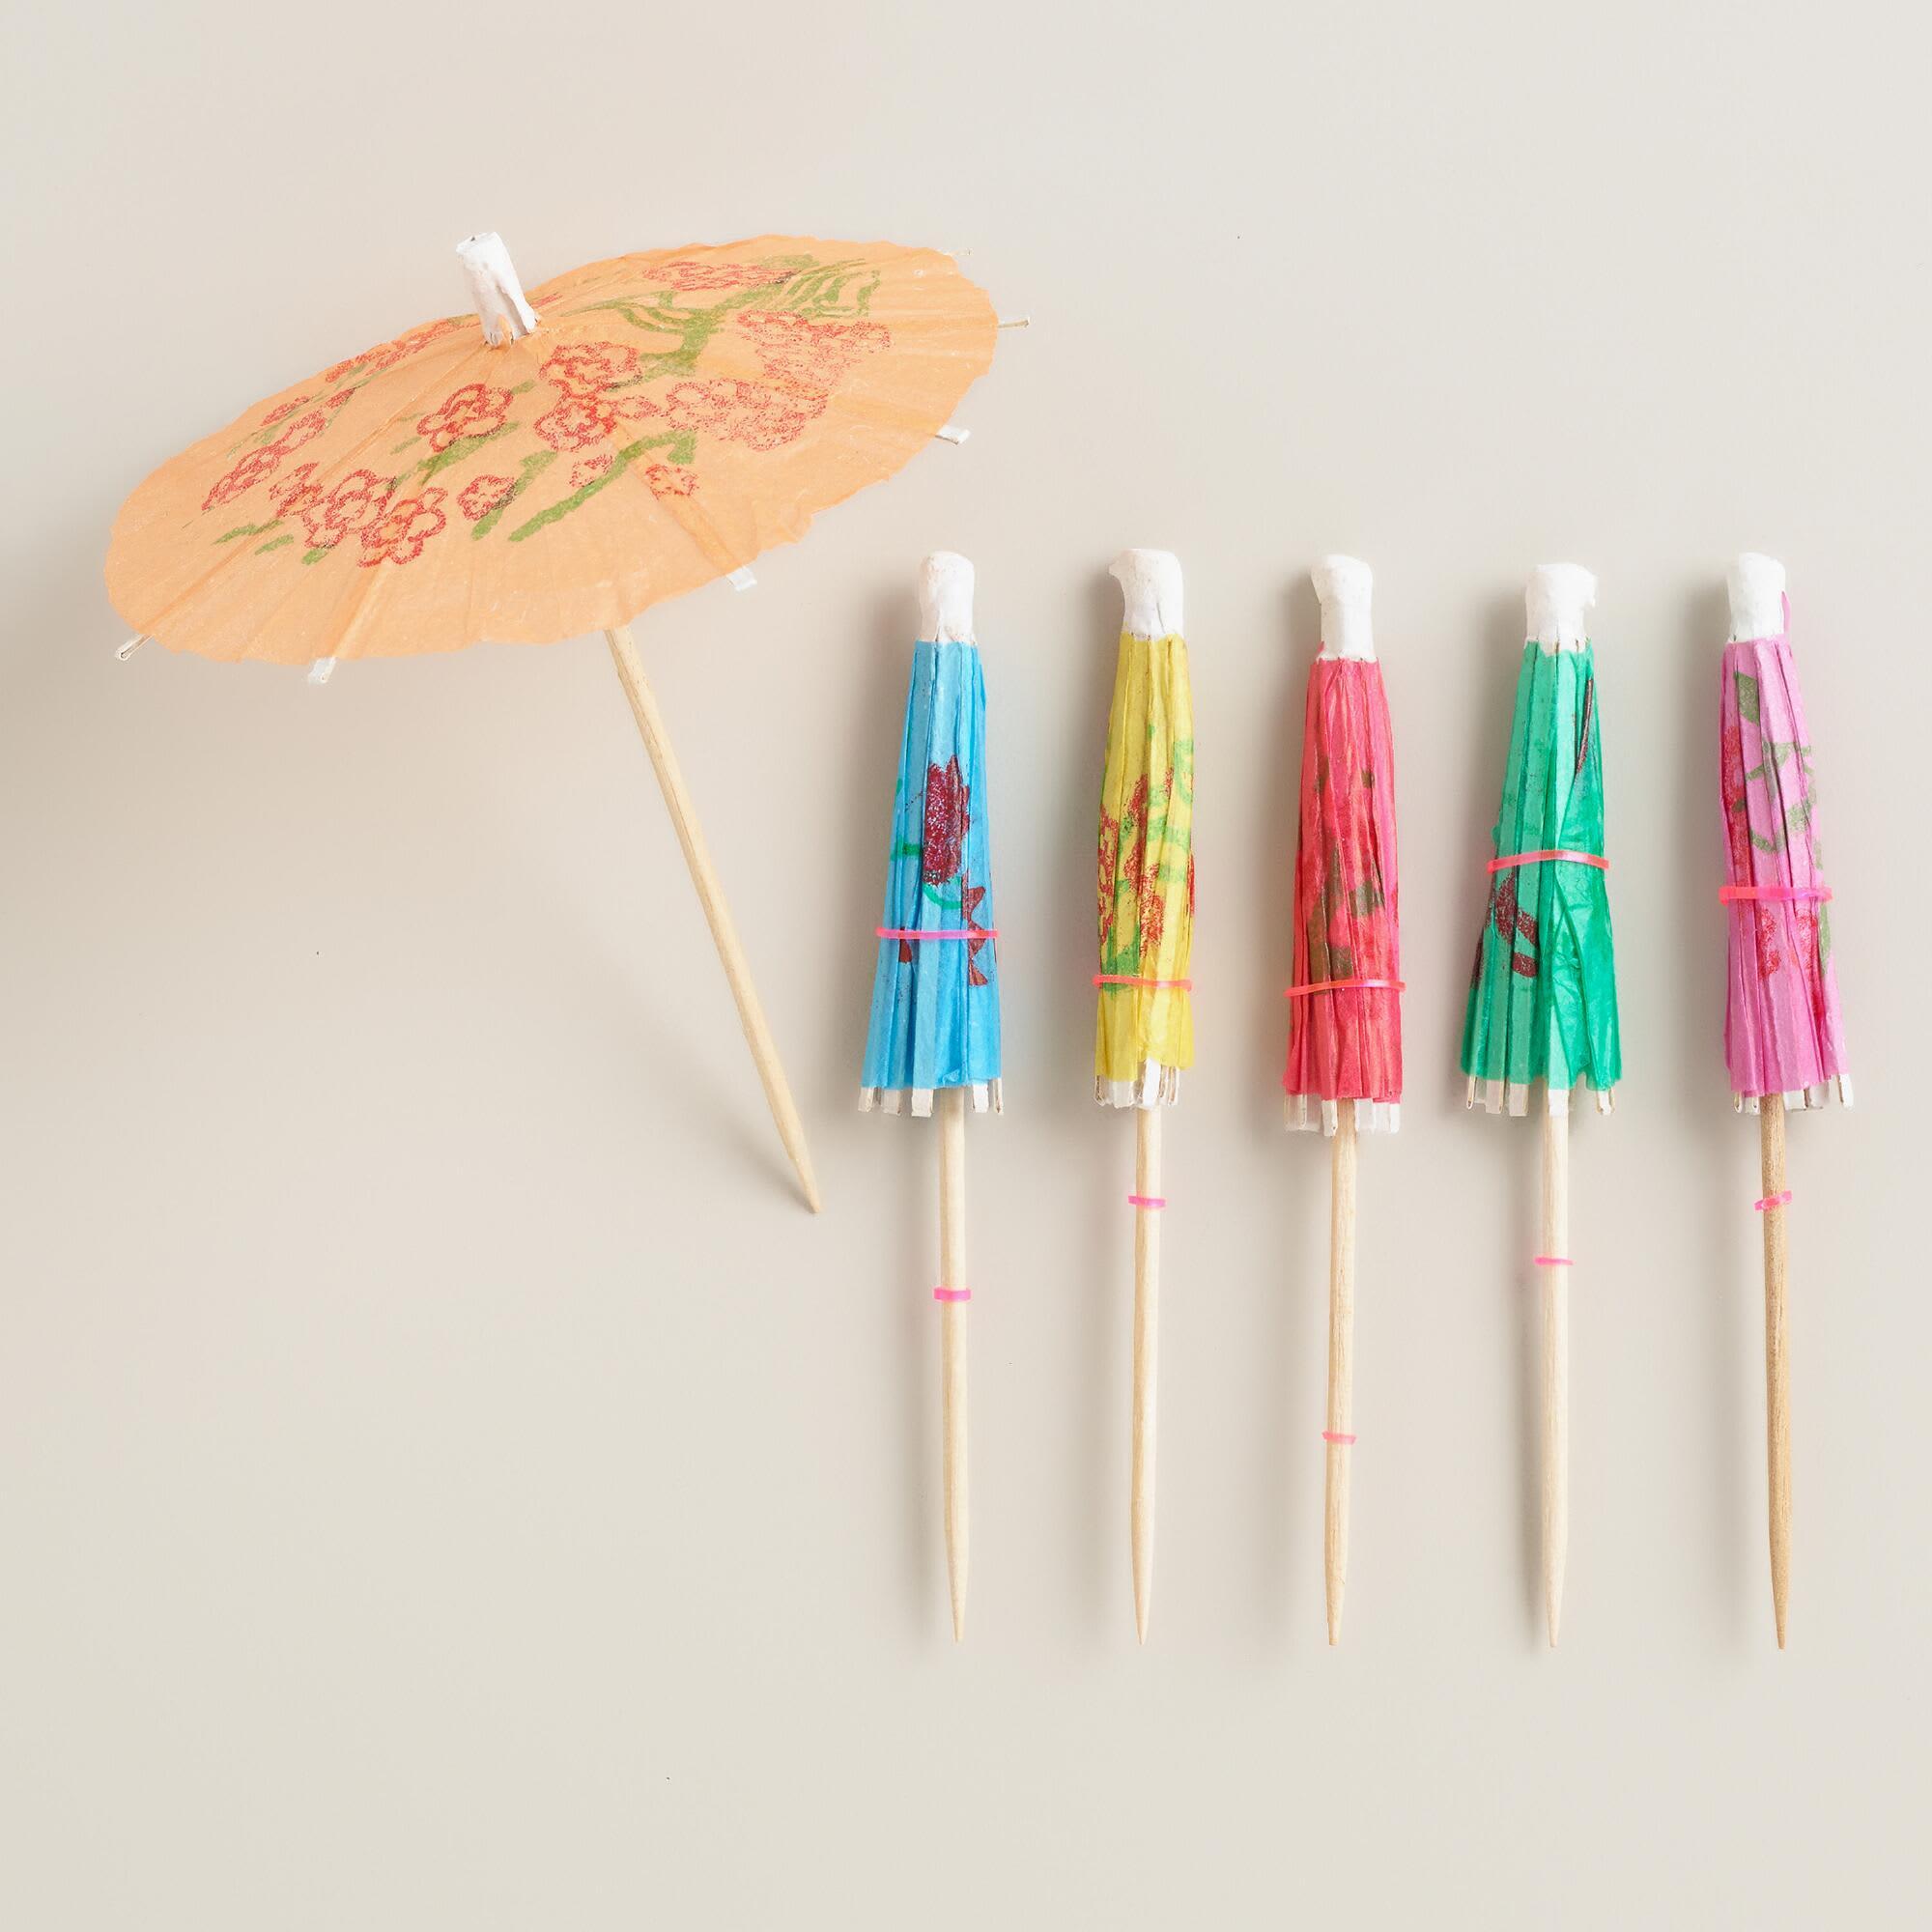 Parasol Picks